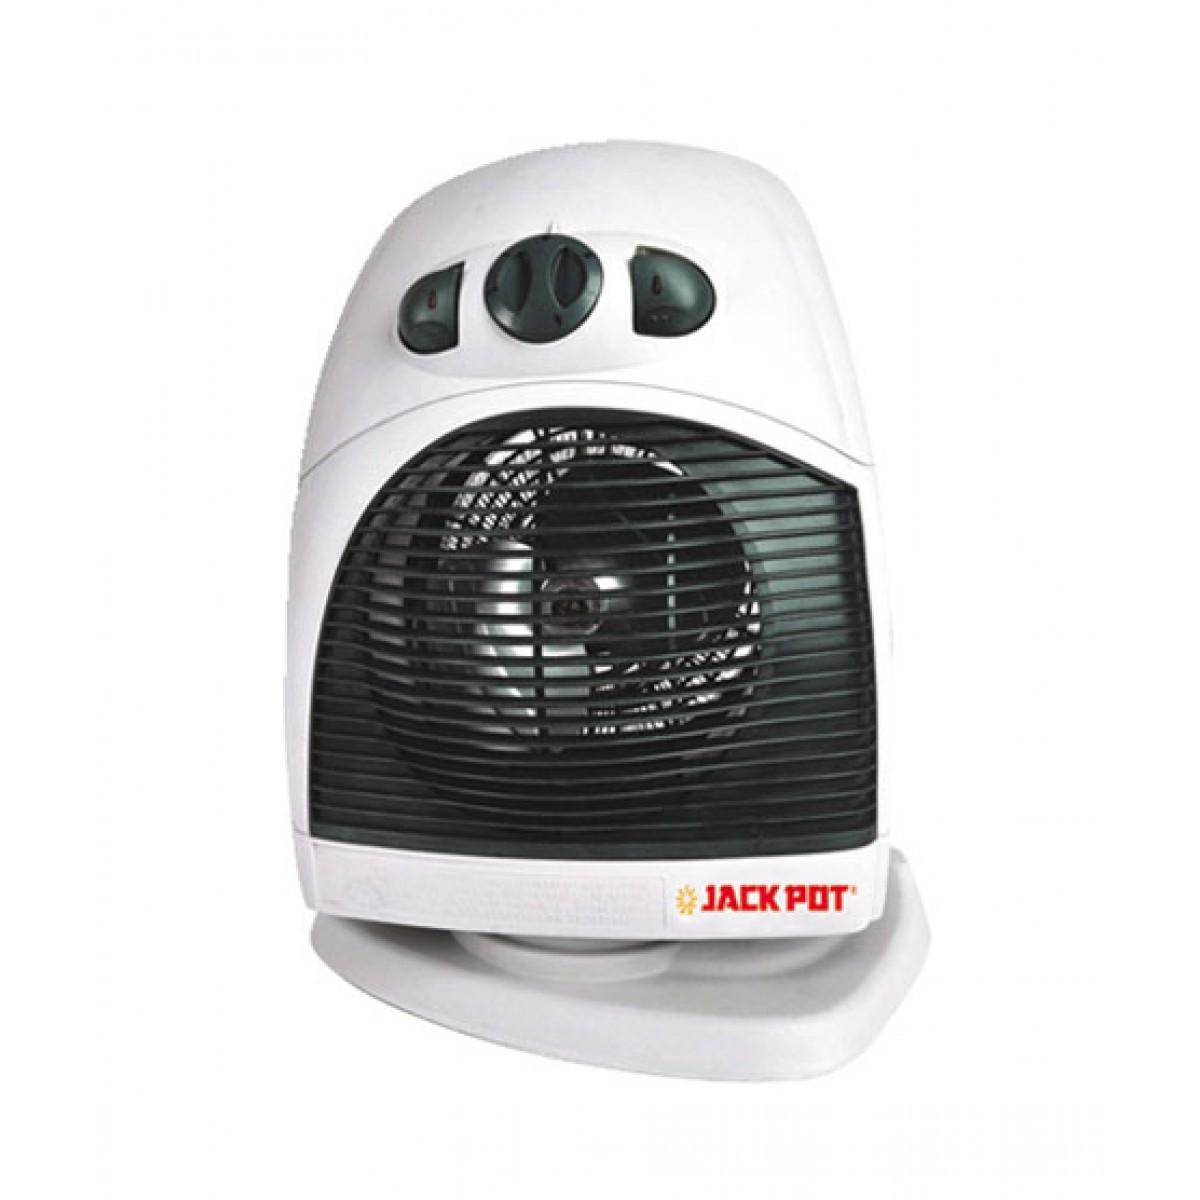 Jackpot Fan Heater (JP-352)